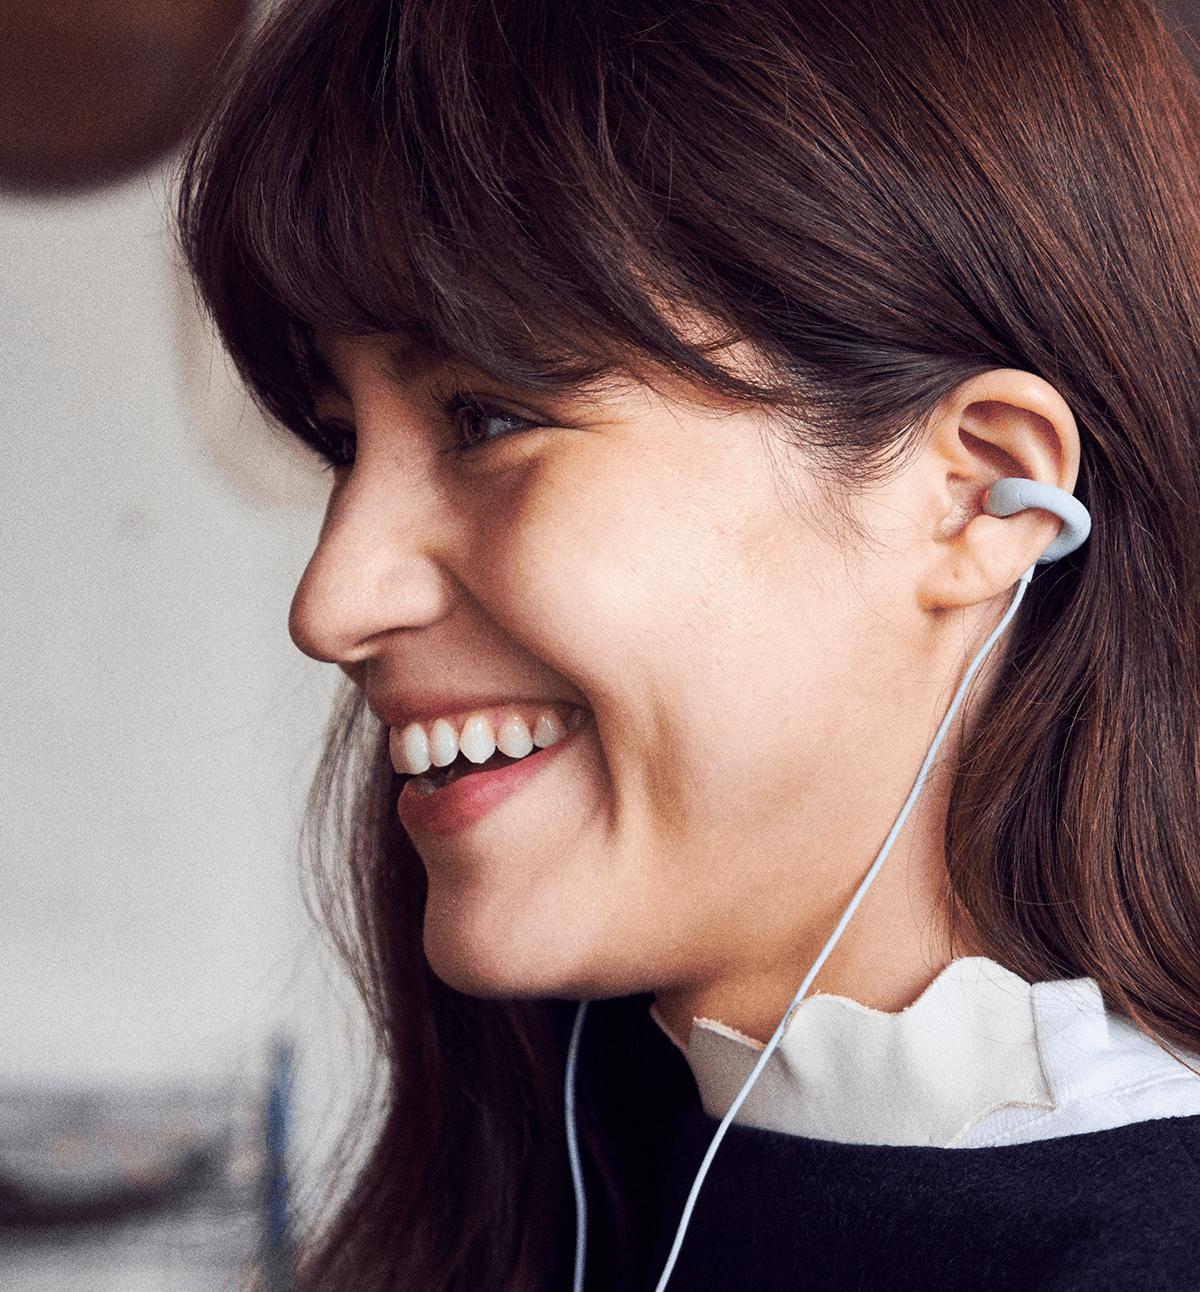 是想要聆聽美妙的音樂但又希望能聽到外面聲音嗎? Sony 投資的 ambie 耳機滿足你的需求這篇文章的首圖